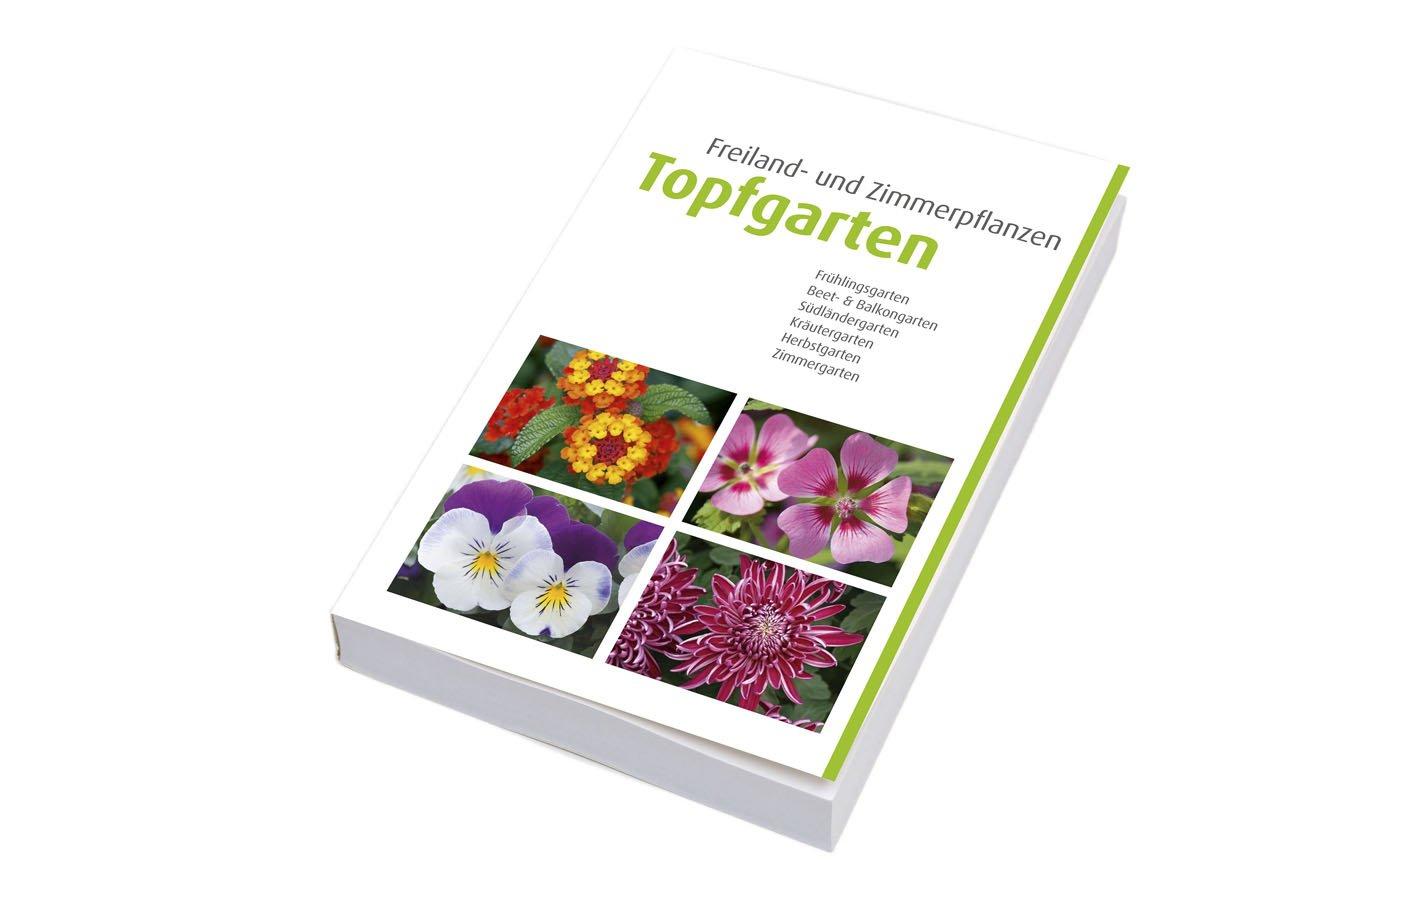 Topfgarten